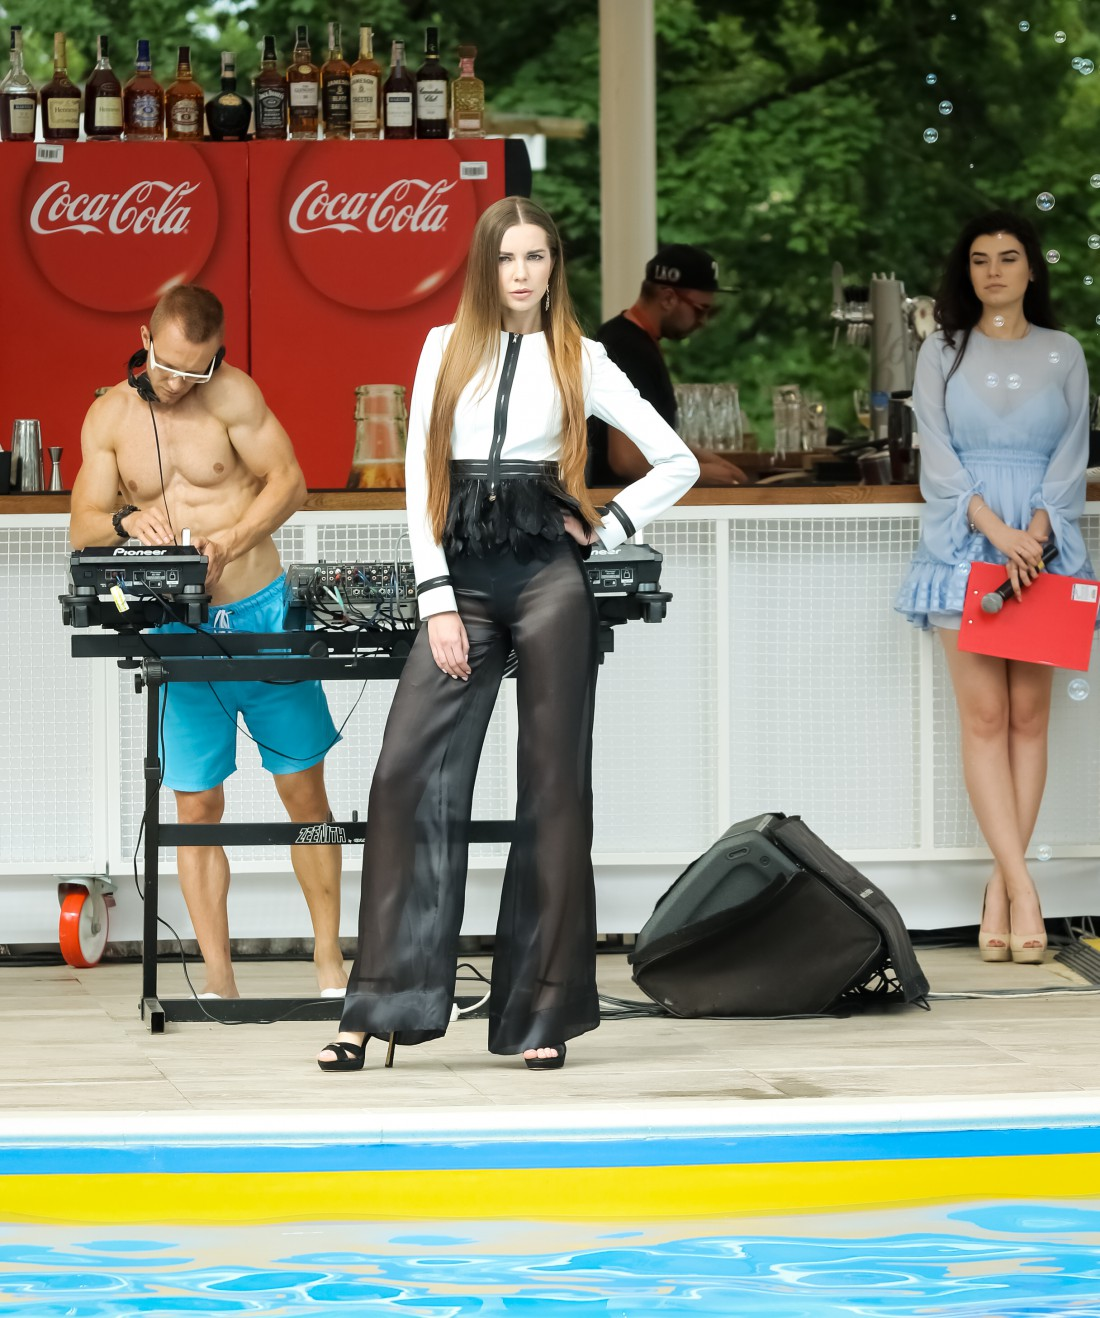 Оргкомитет Мисс Украина  представил первых претенденток на титул  Мисс Украина 2017